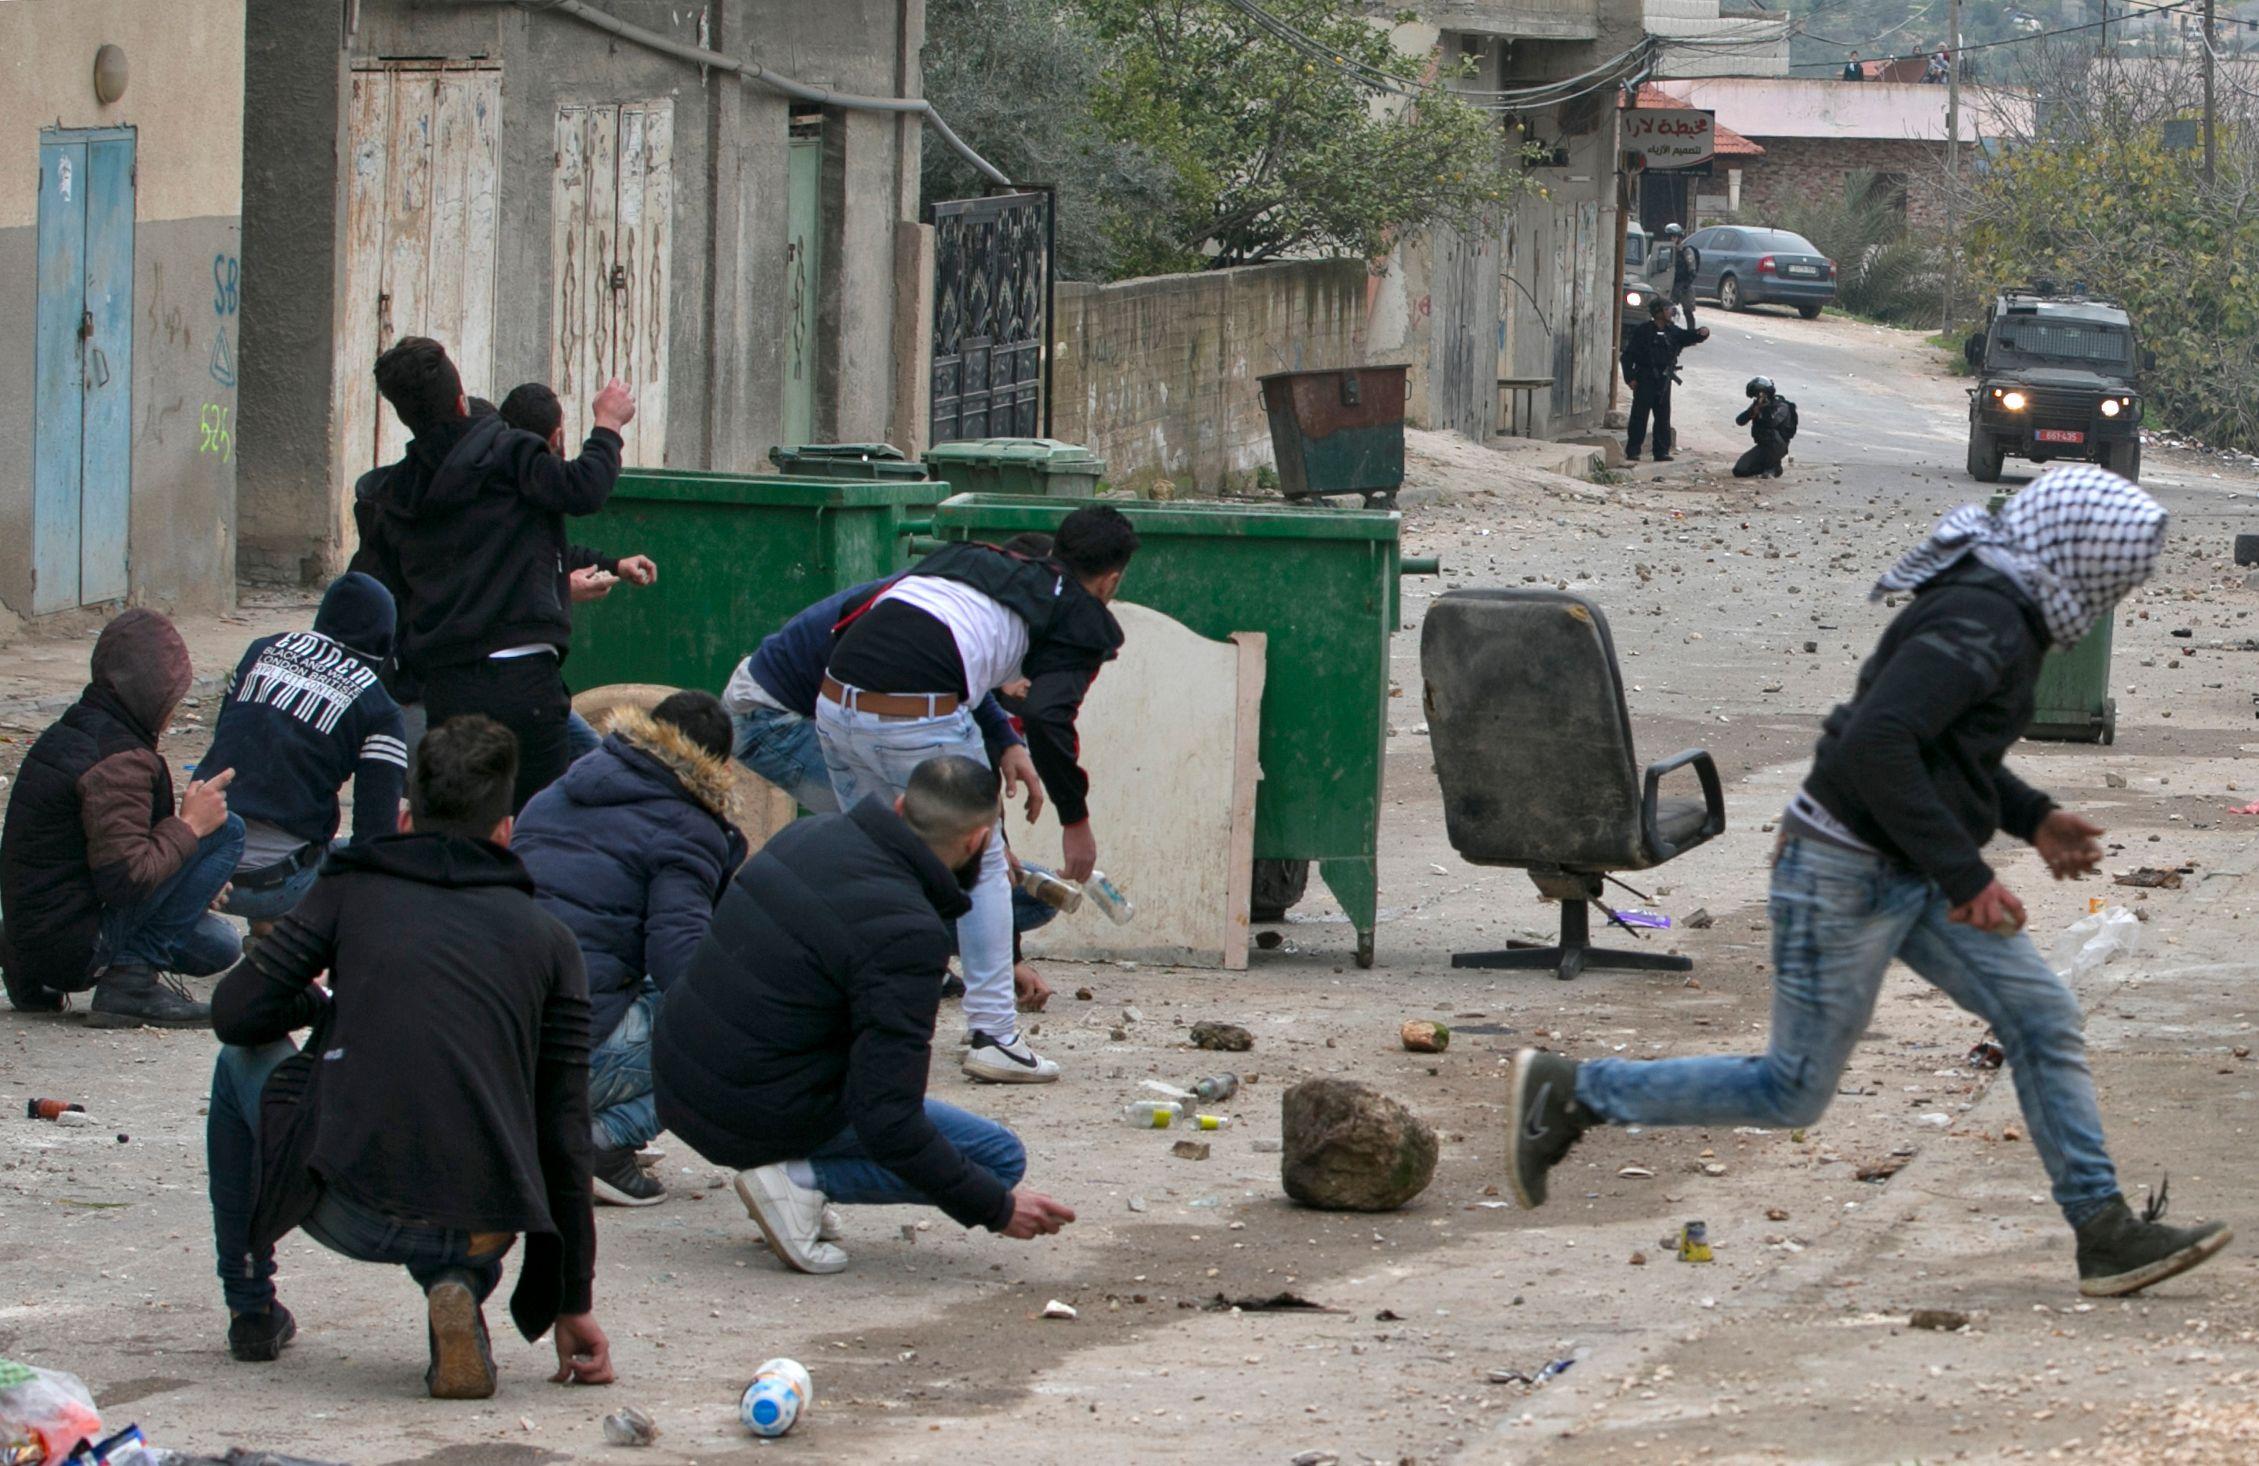 اشتباكات فى فلسطين عقب استشهاد أحمد جرار